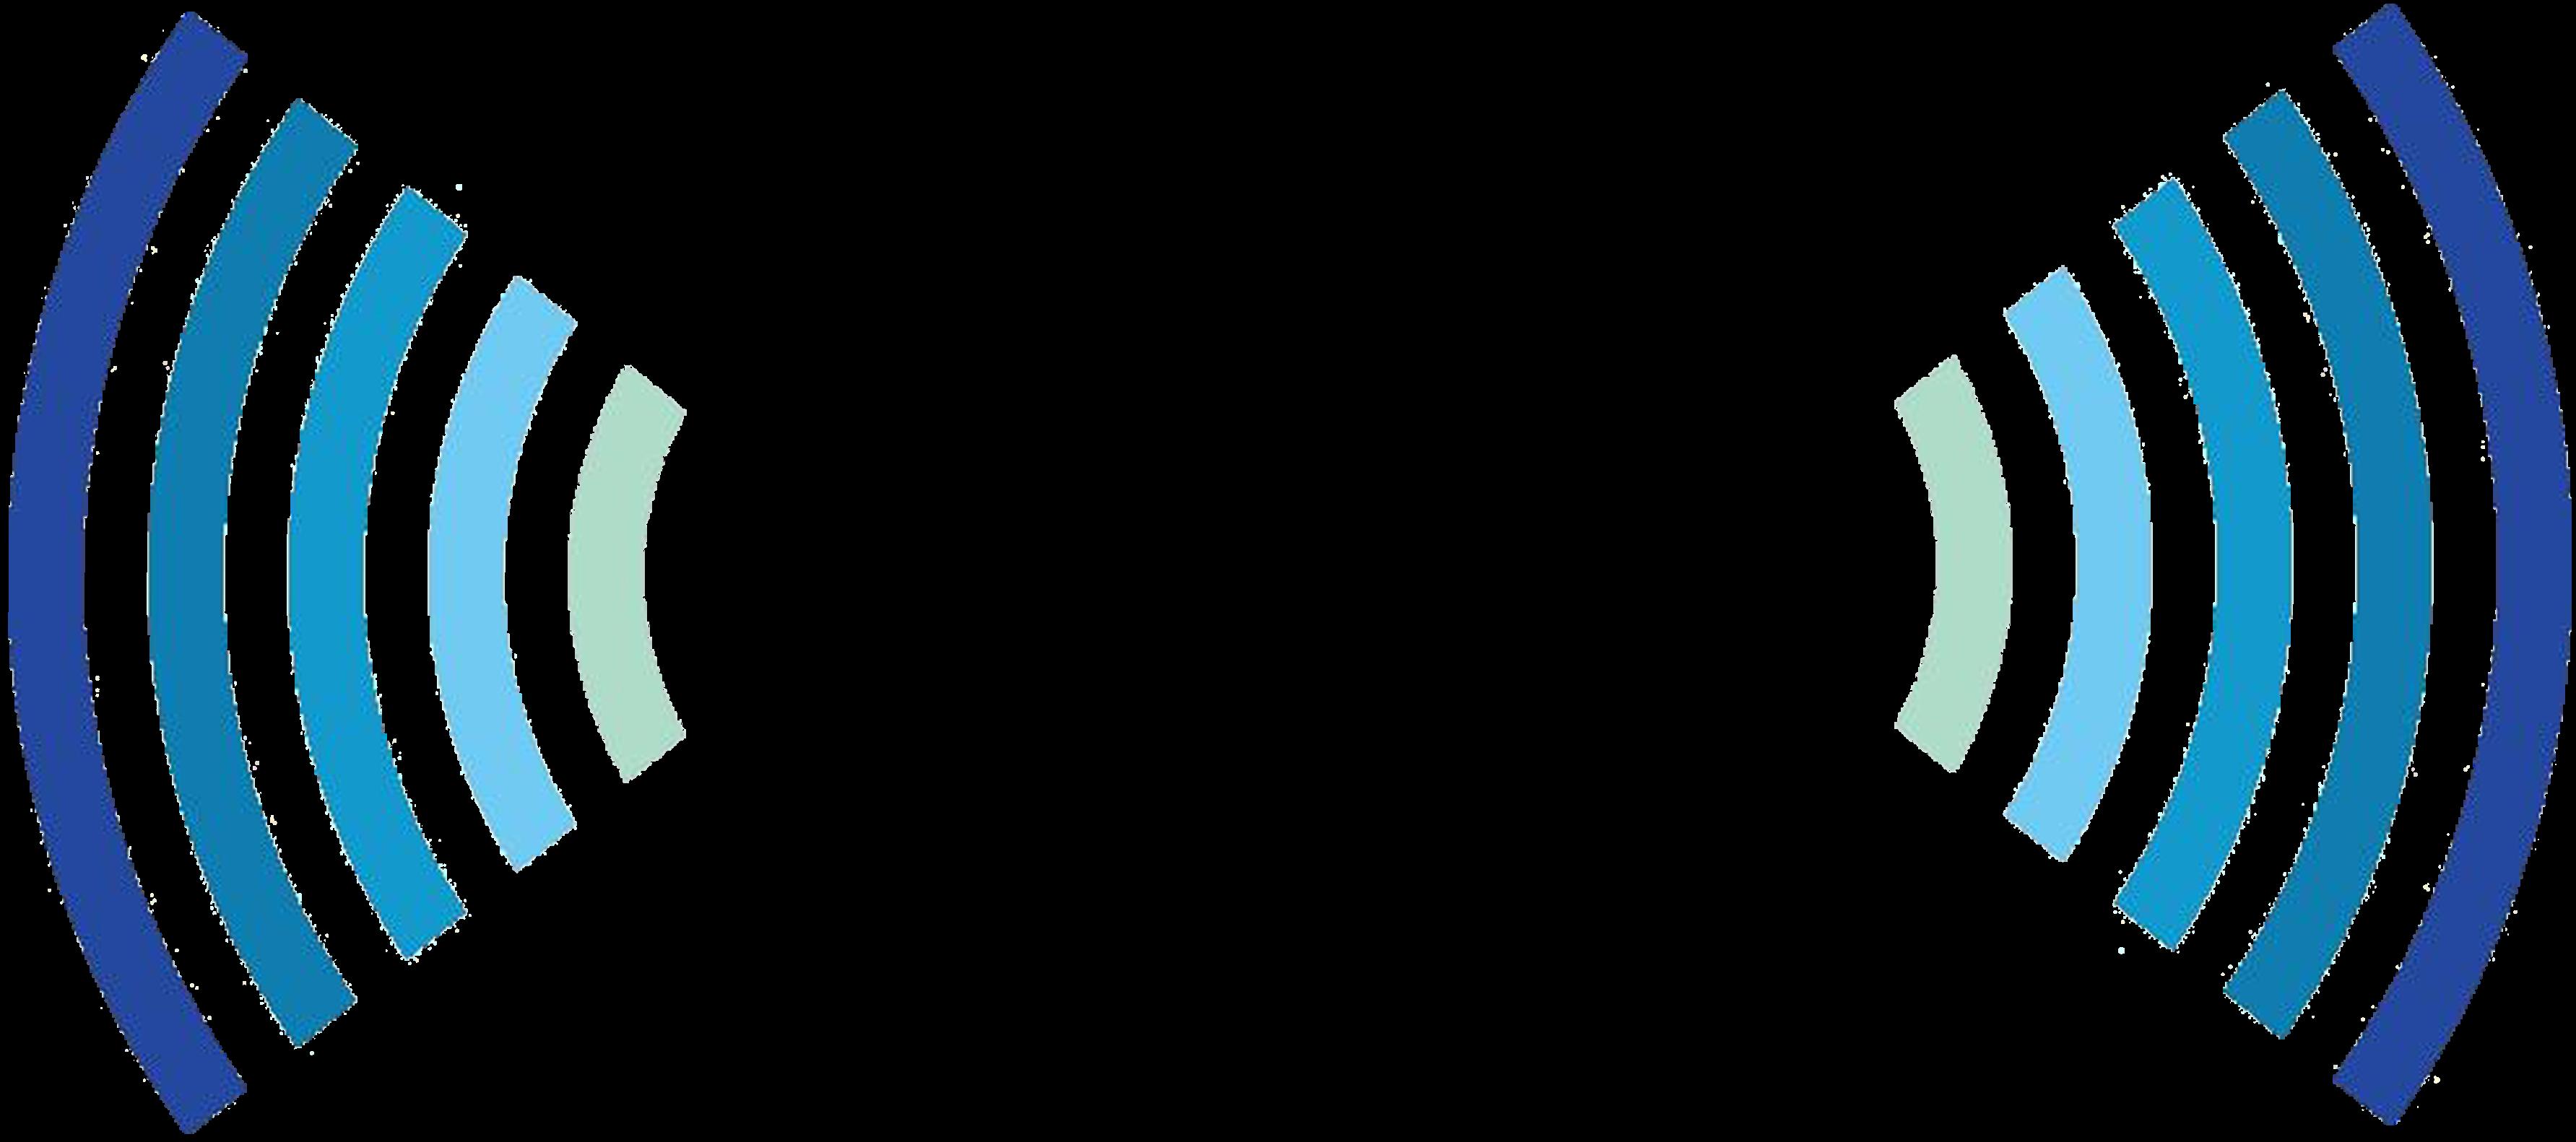 885jfm